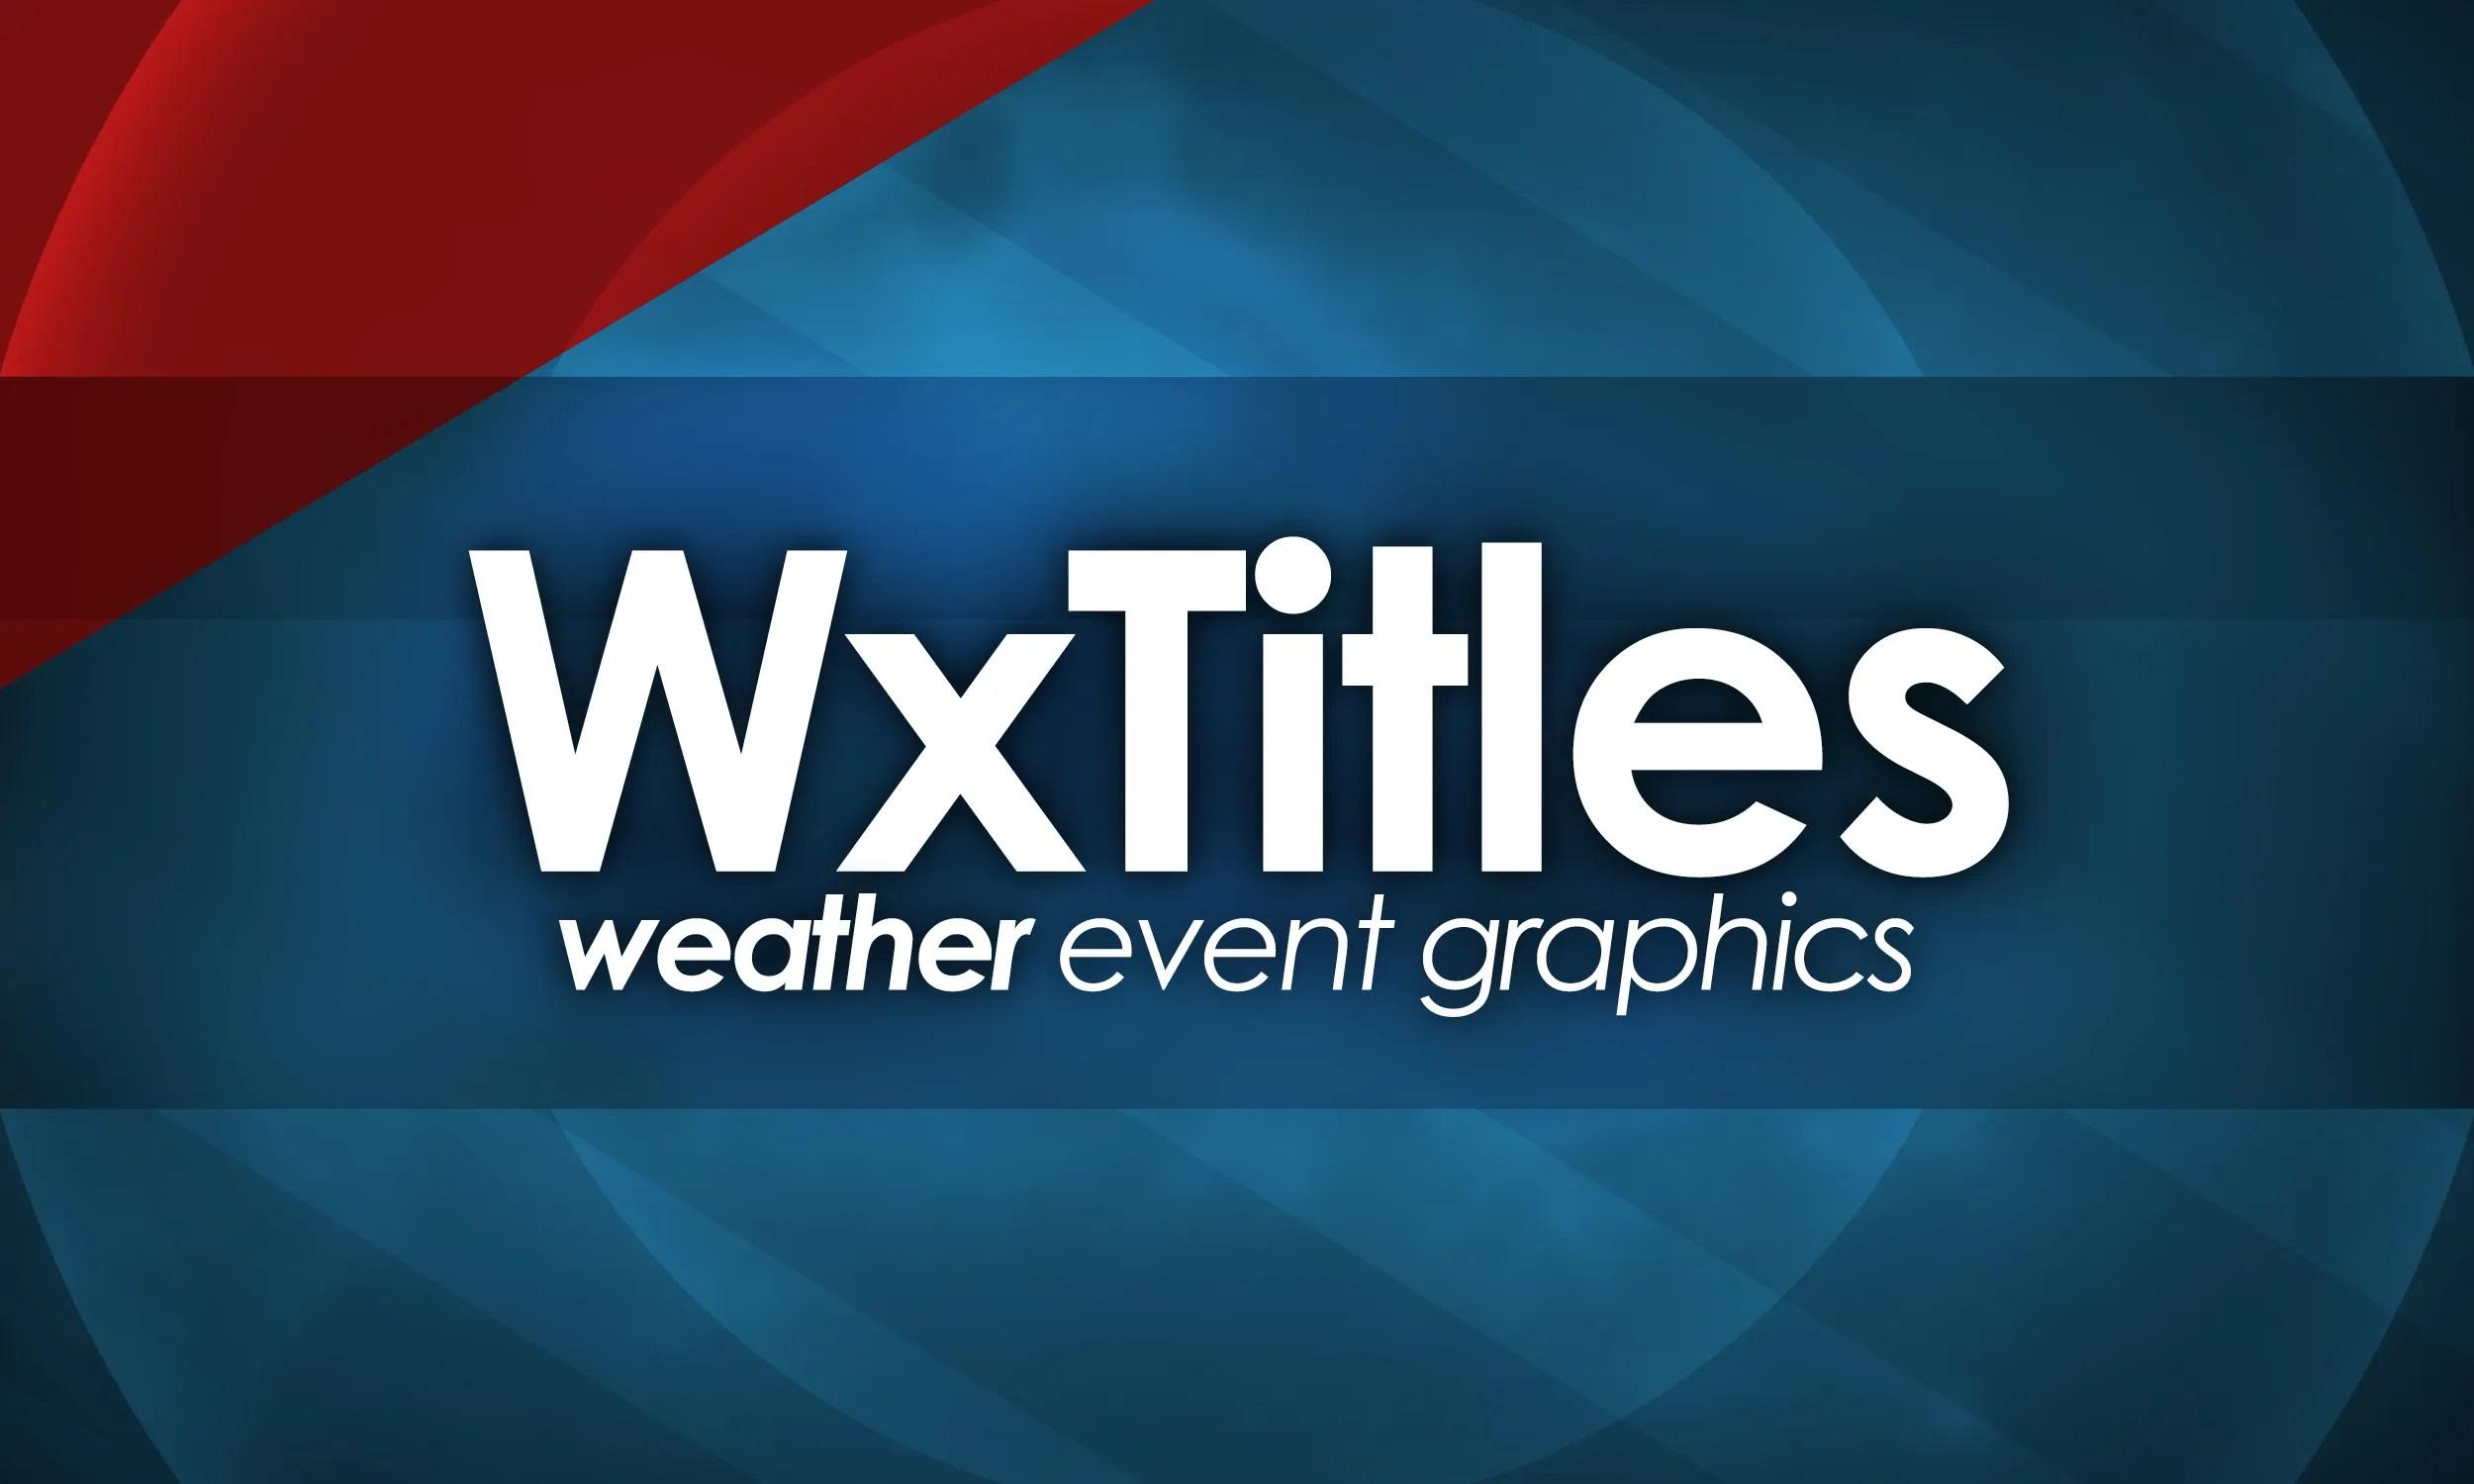 WxTitles